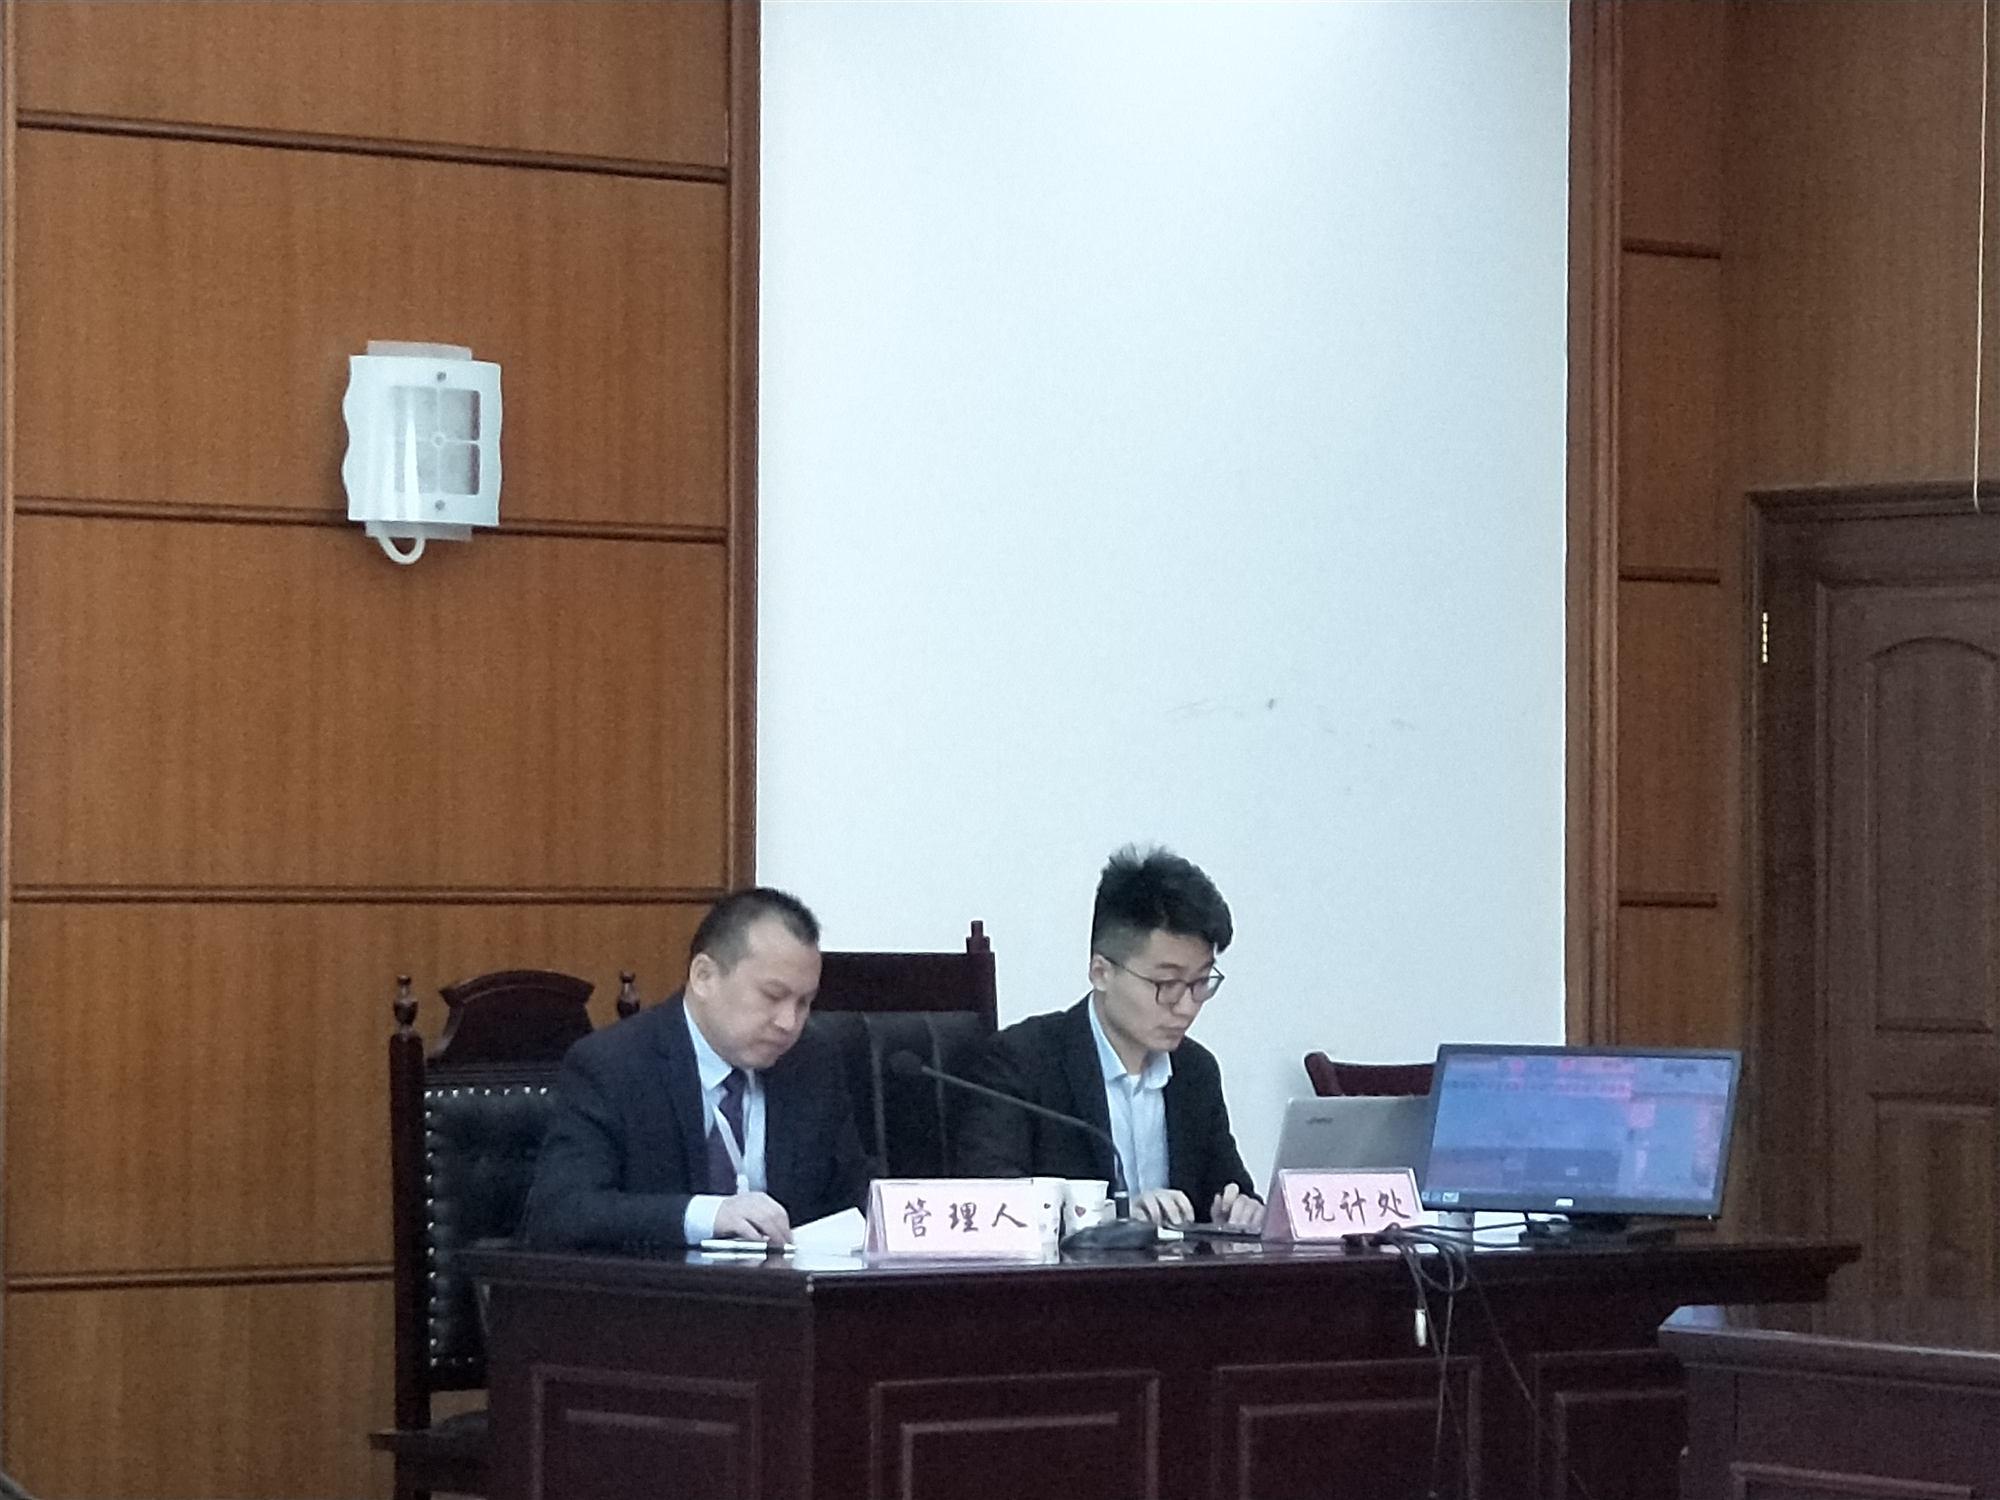 四川尚都房地产开发有限公司金豪棋牌游戏中心清算案第一次债权人会议顺利召开